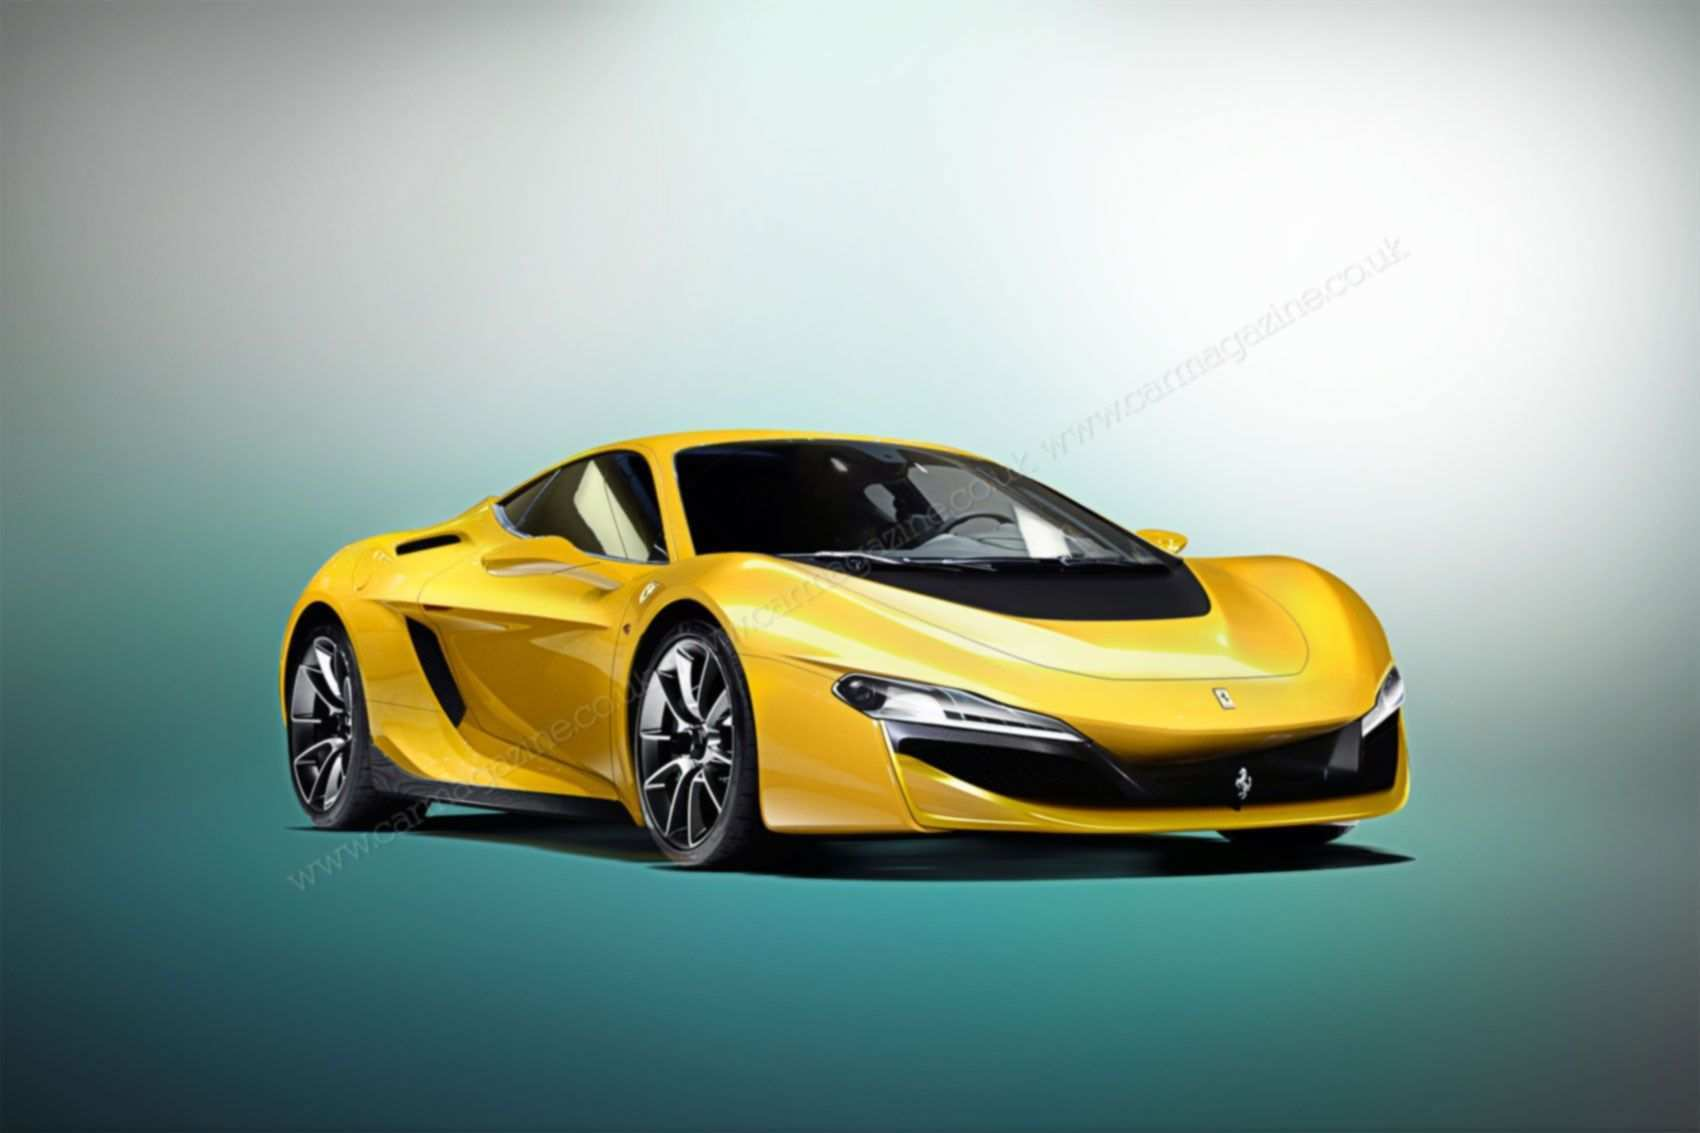 91 Concept of Ferrari 2020 Price Ratings for Ferrari 2020 Price